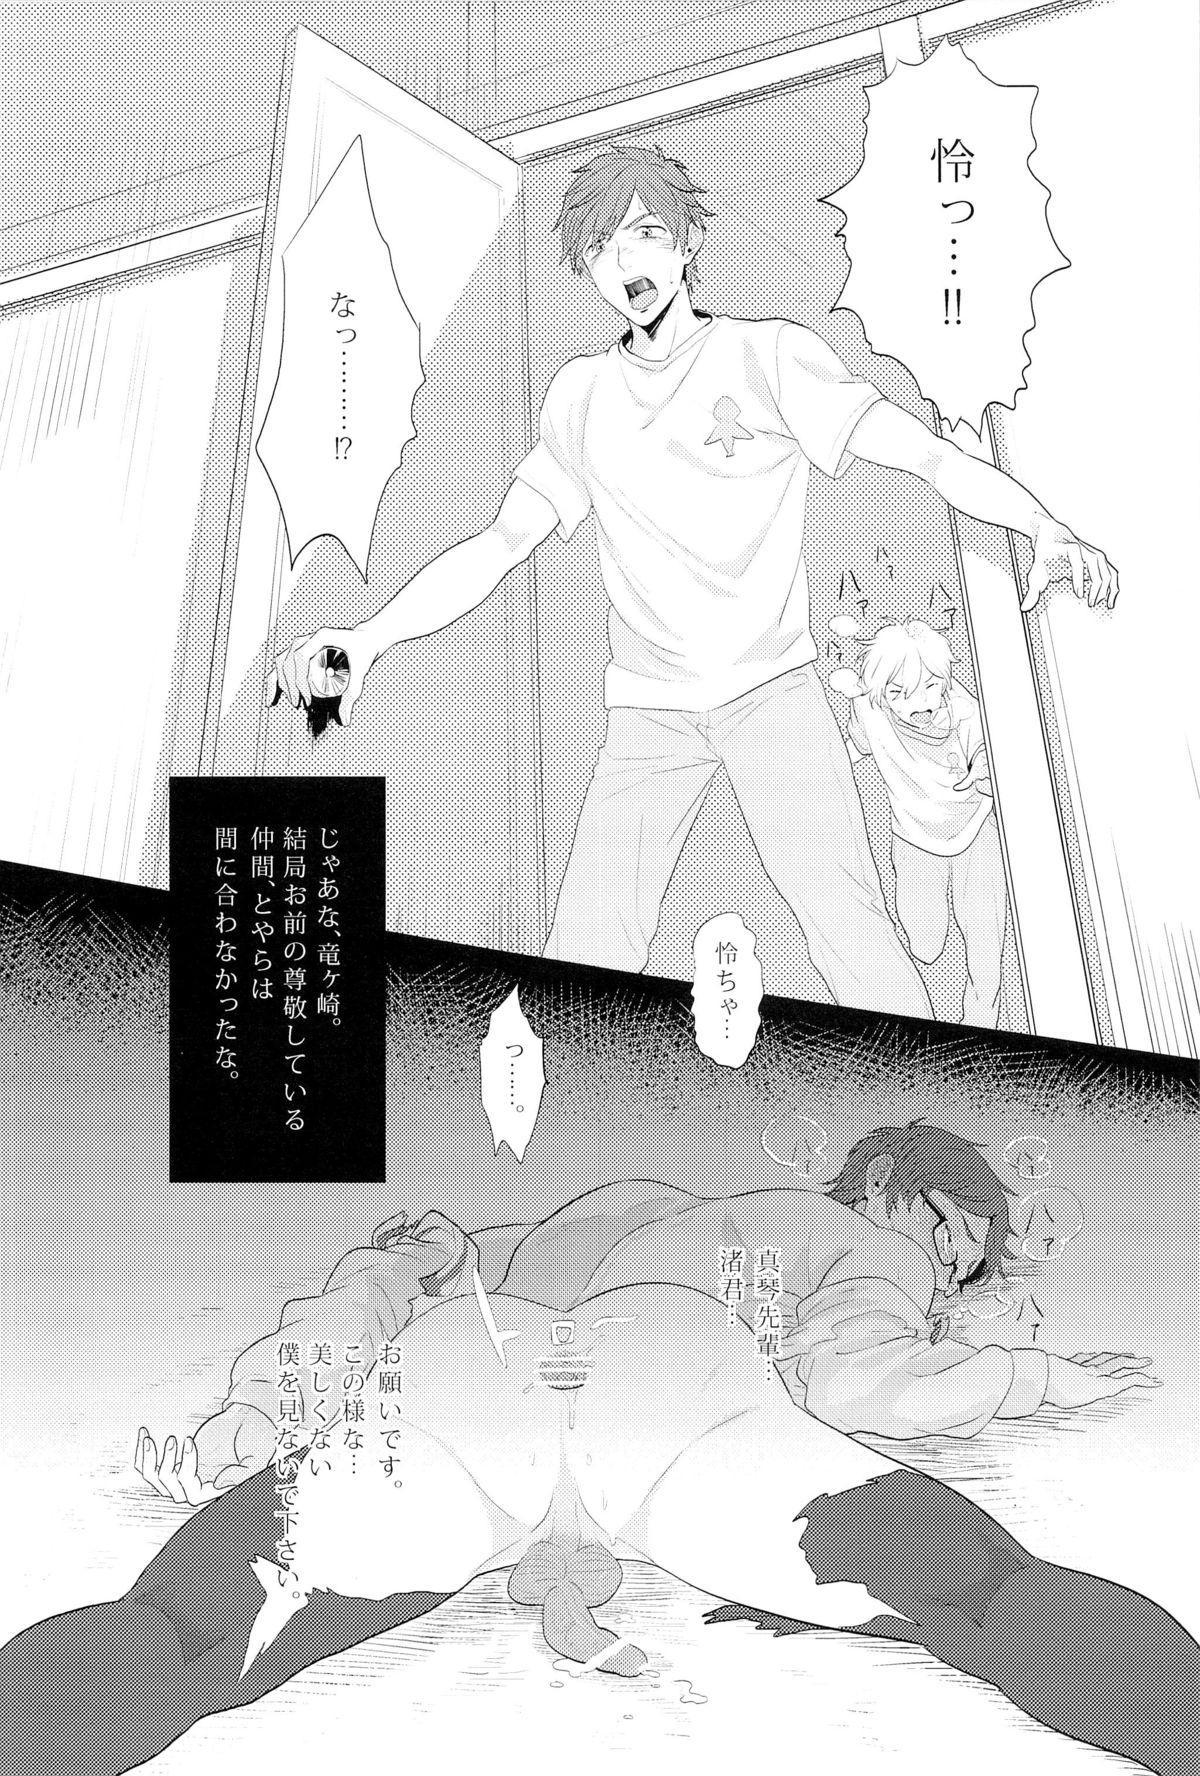 Boku no Riron de Uketetachimasu 15